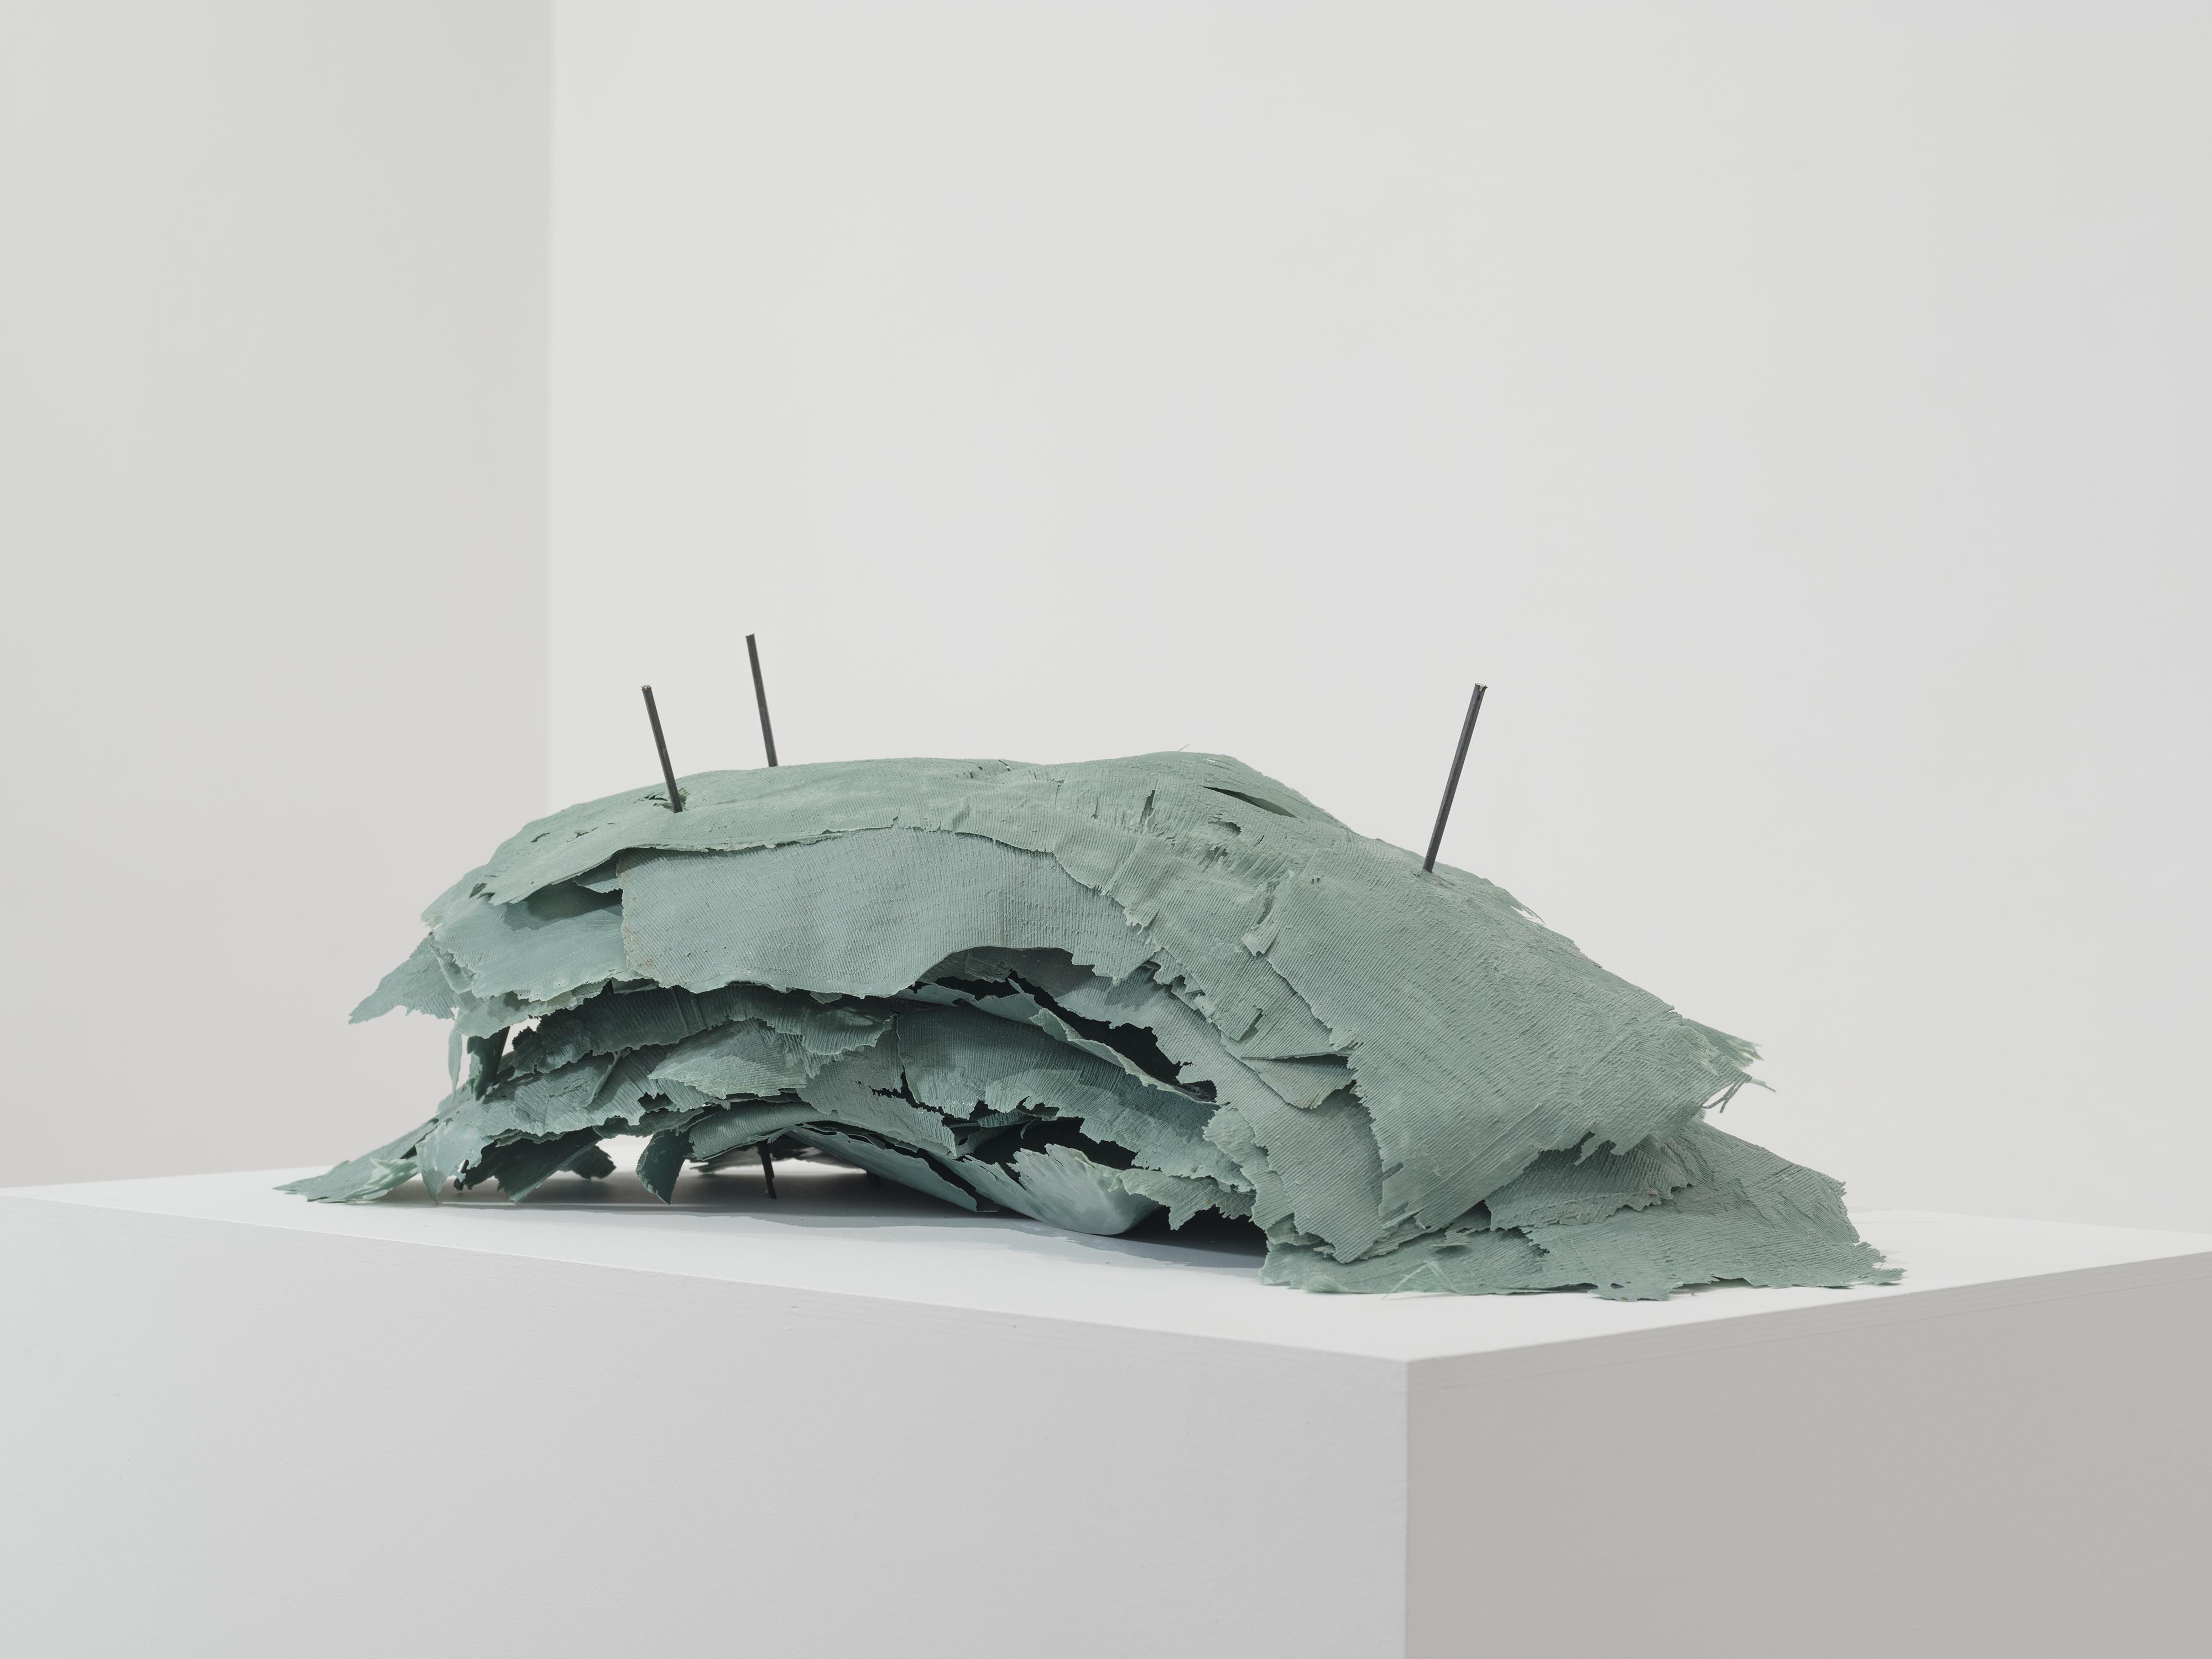 Κώστας Σαχπάζης, Of Item's free will, 2016 Ρητίνη, μπρούντζος, πλαστικό 30 x 85 x 60 εκ